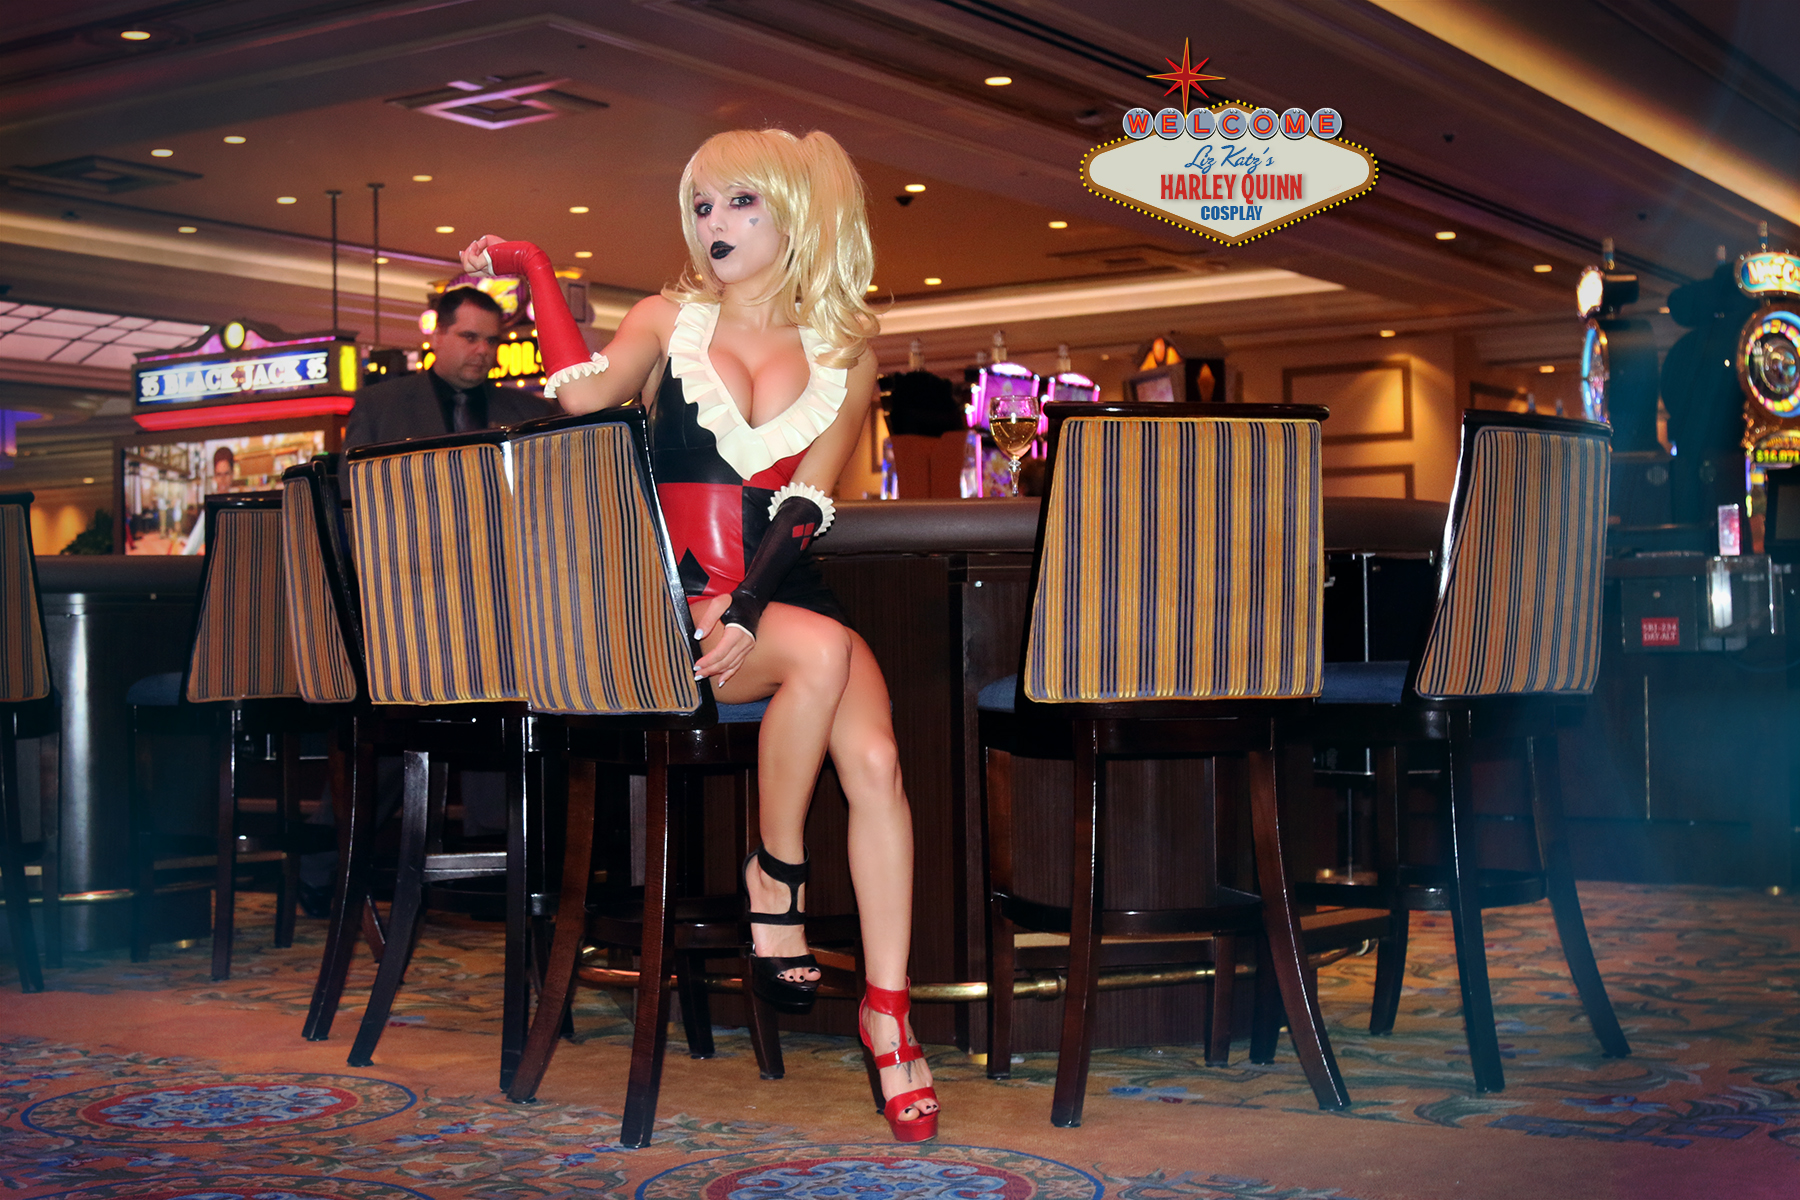 Casino Harley Quinn Cosplay at her Vegas Casino by Liz Katz